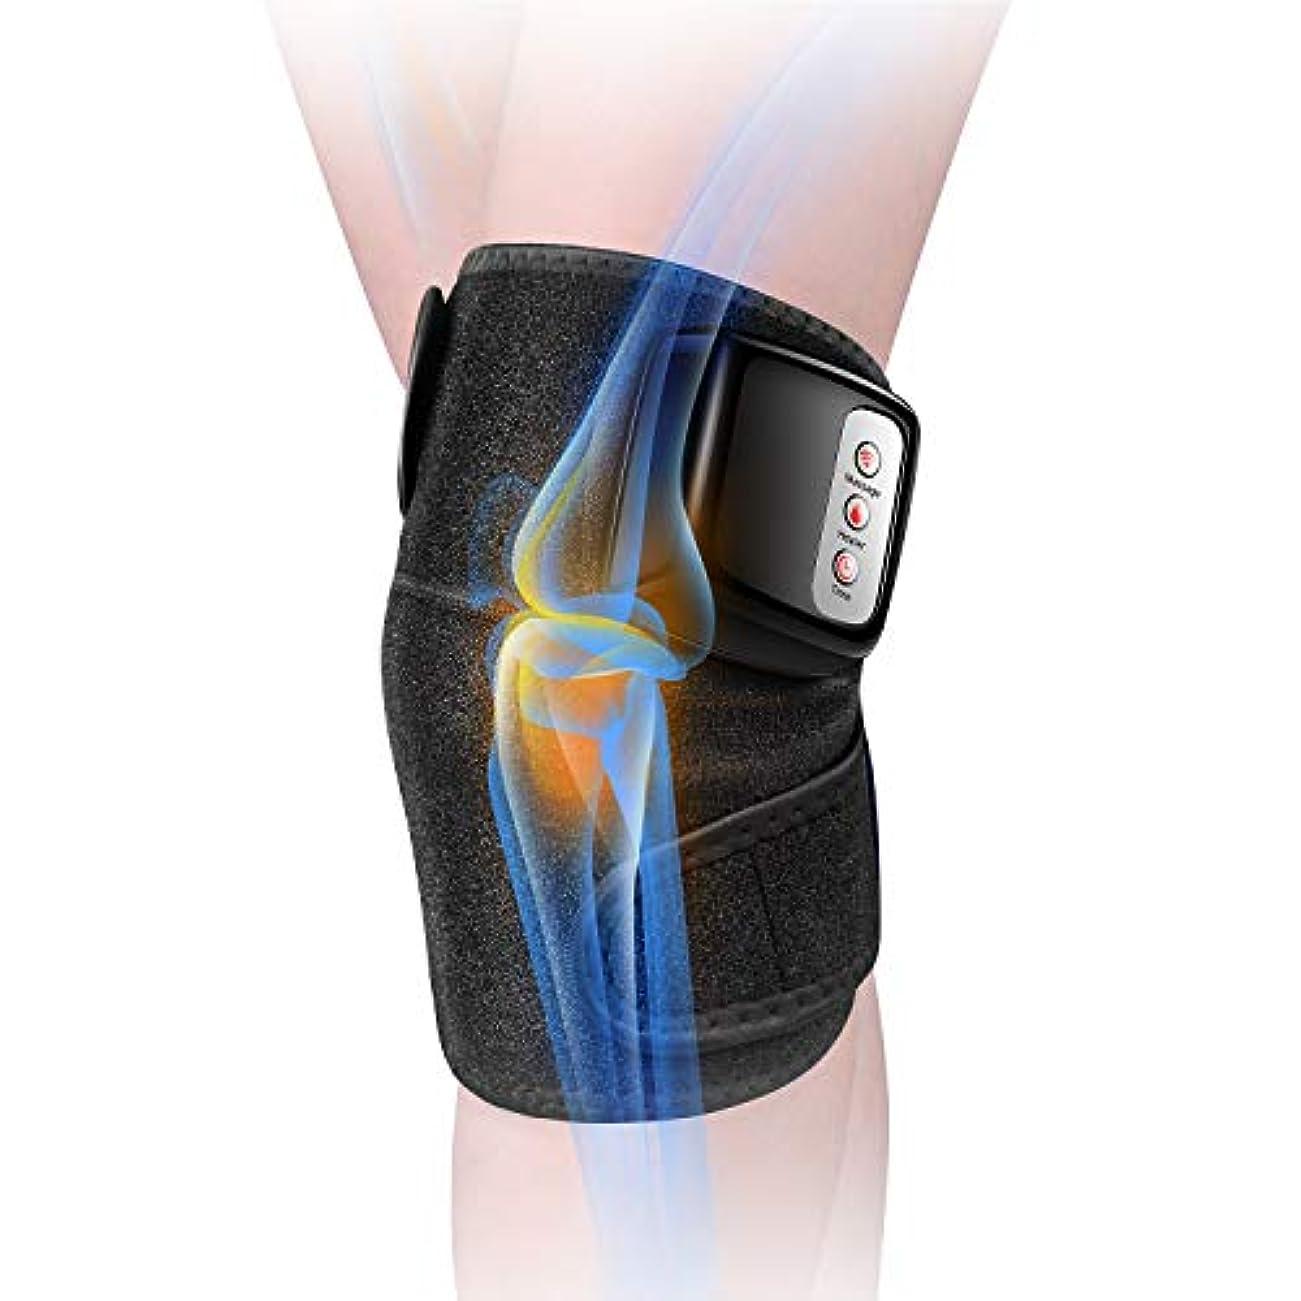 退院最もそして膝マッサージャー 関節マッサージャー マッサージ器 フットマッサージャー 振動 赤外線療法 温熱療法 膝サポーター ストレス解消 肩 太もも/腕対応